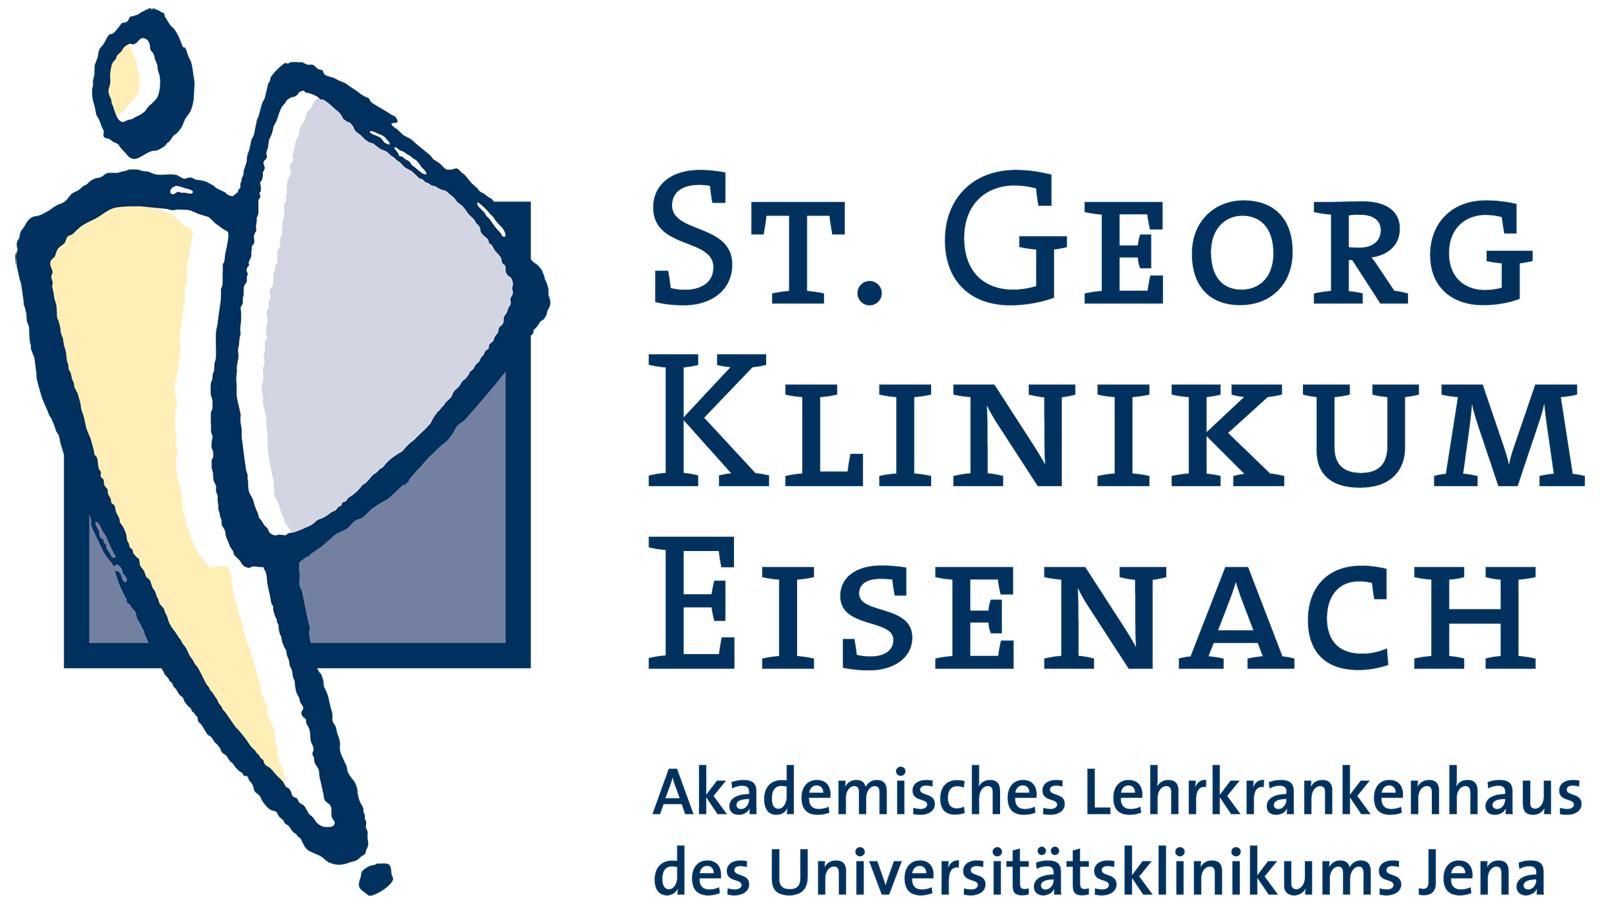 St. Georg Klinikum Eisenach